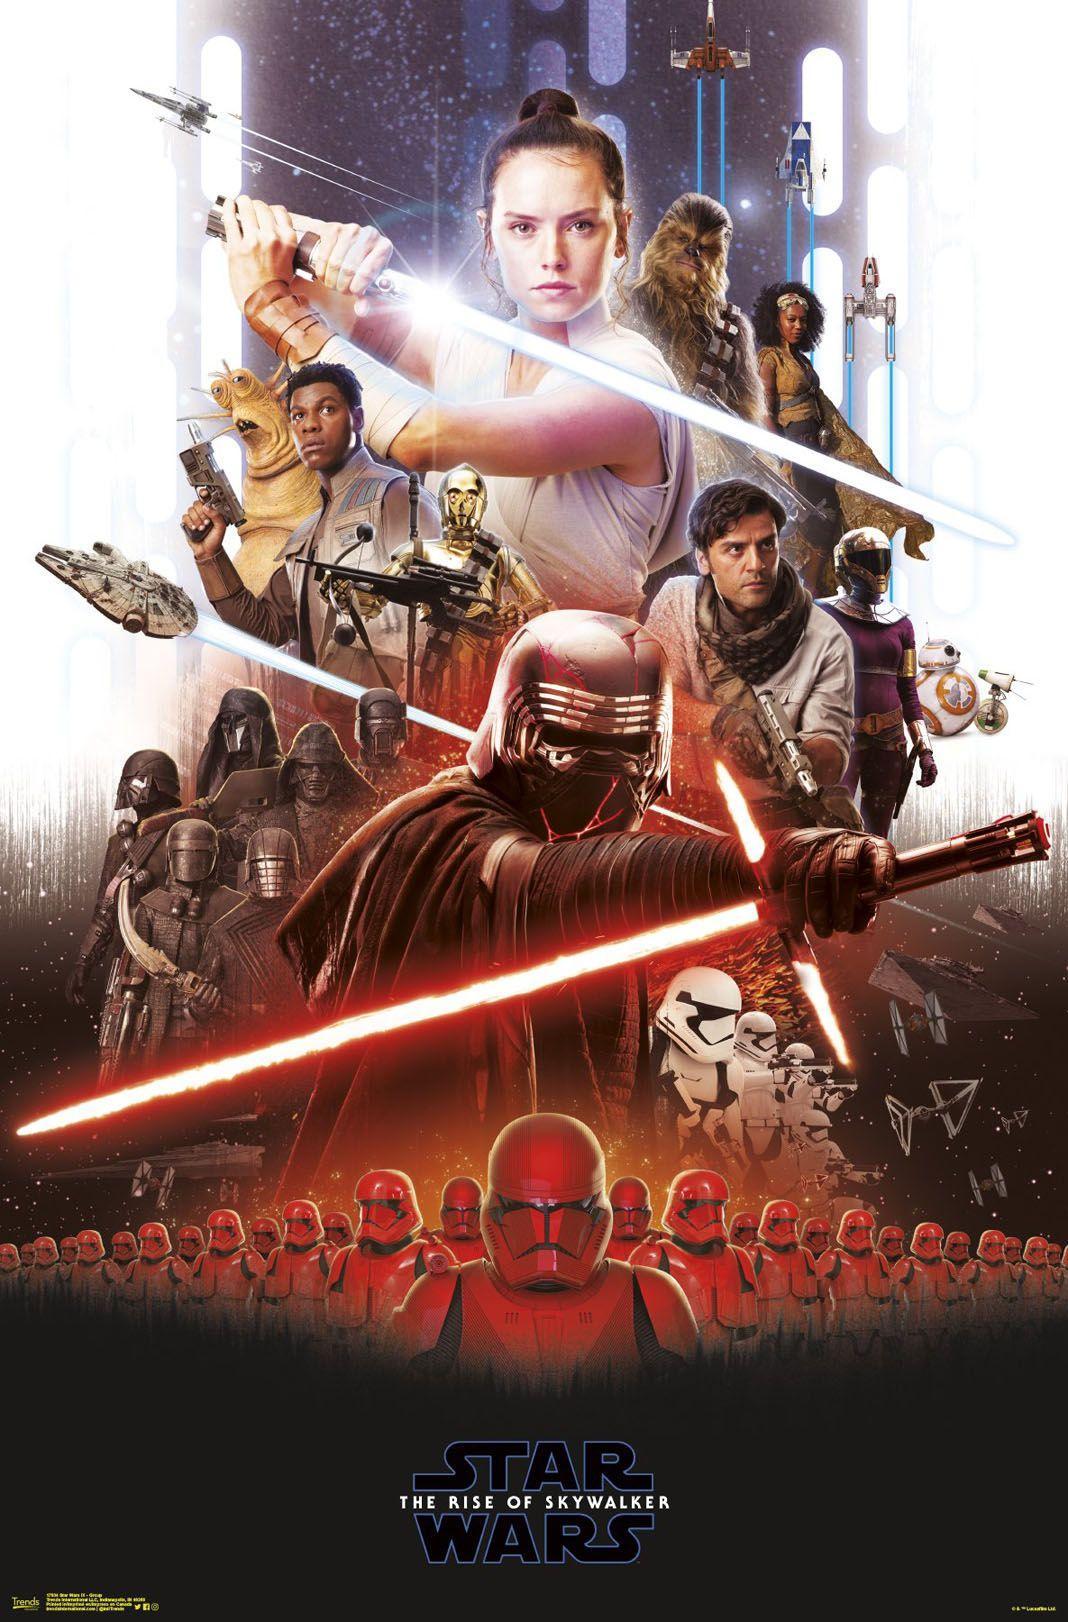 Star Wars: Episode IX The Rise of Skywalker - Promotional Artwork